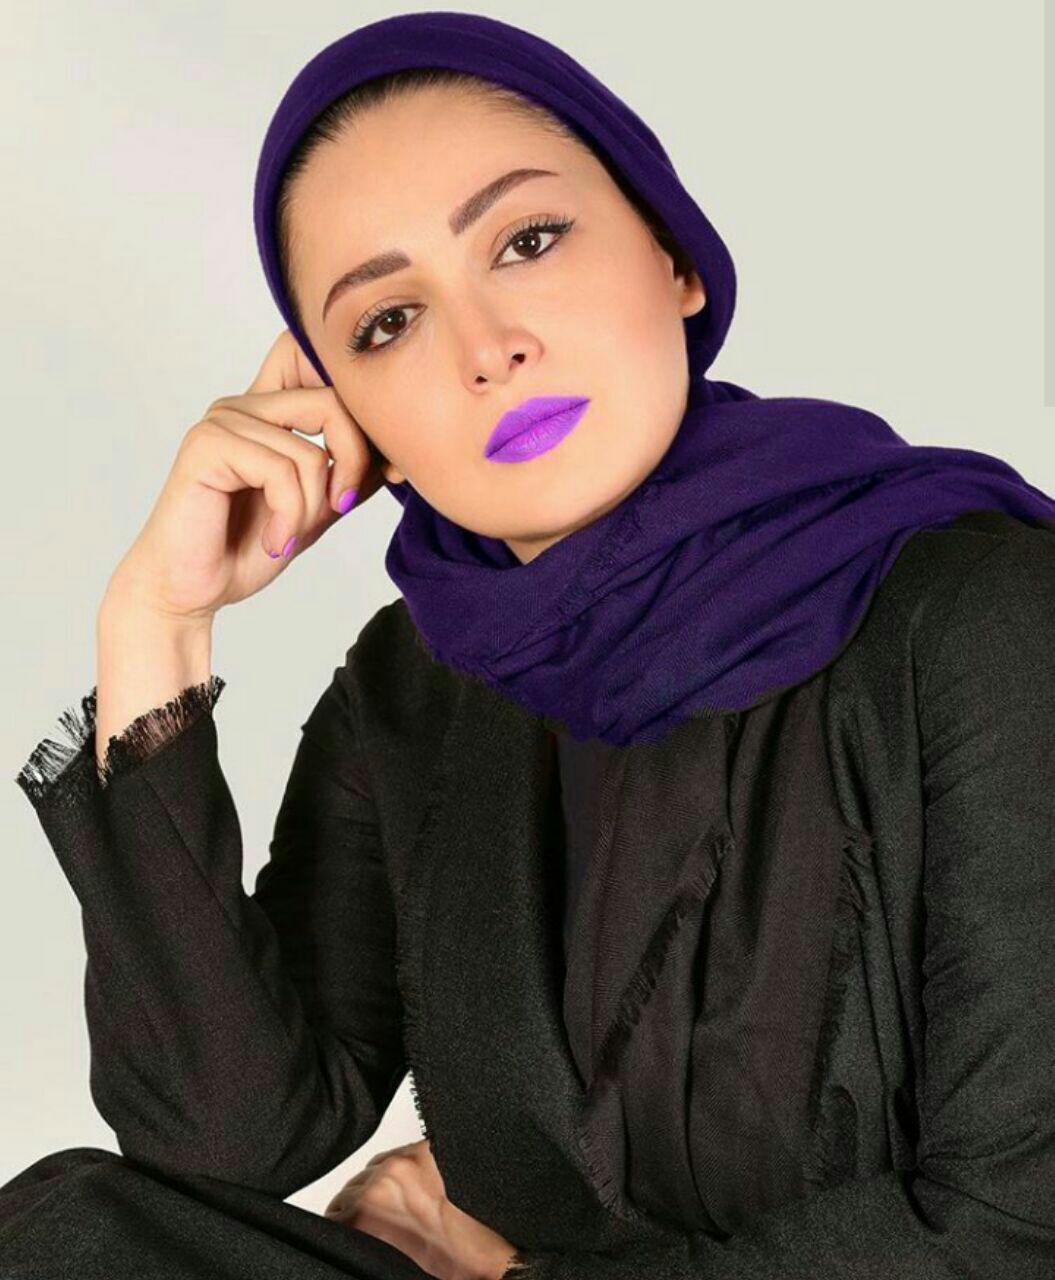 بیوگرافی شیلا خداداد و همسرش + تصاویر و مصاحبه